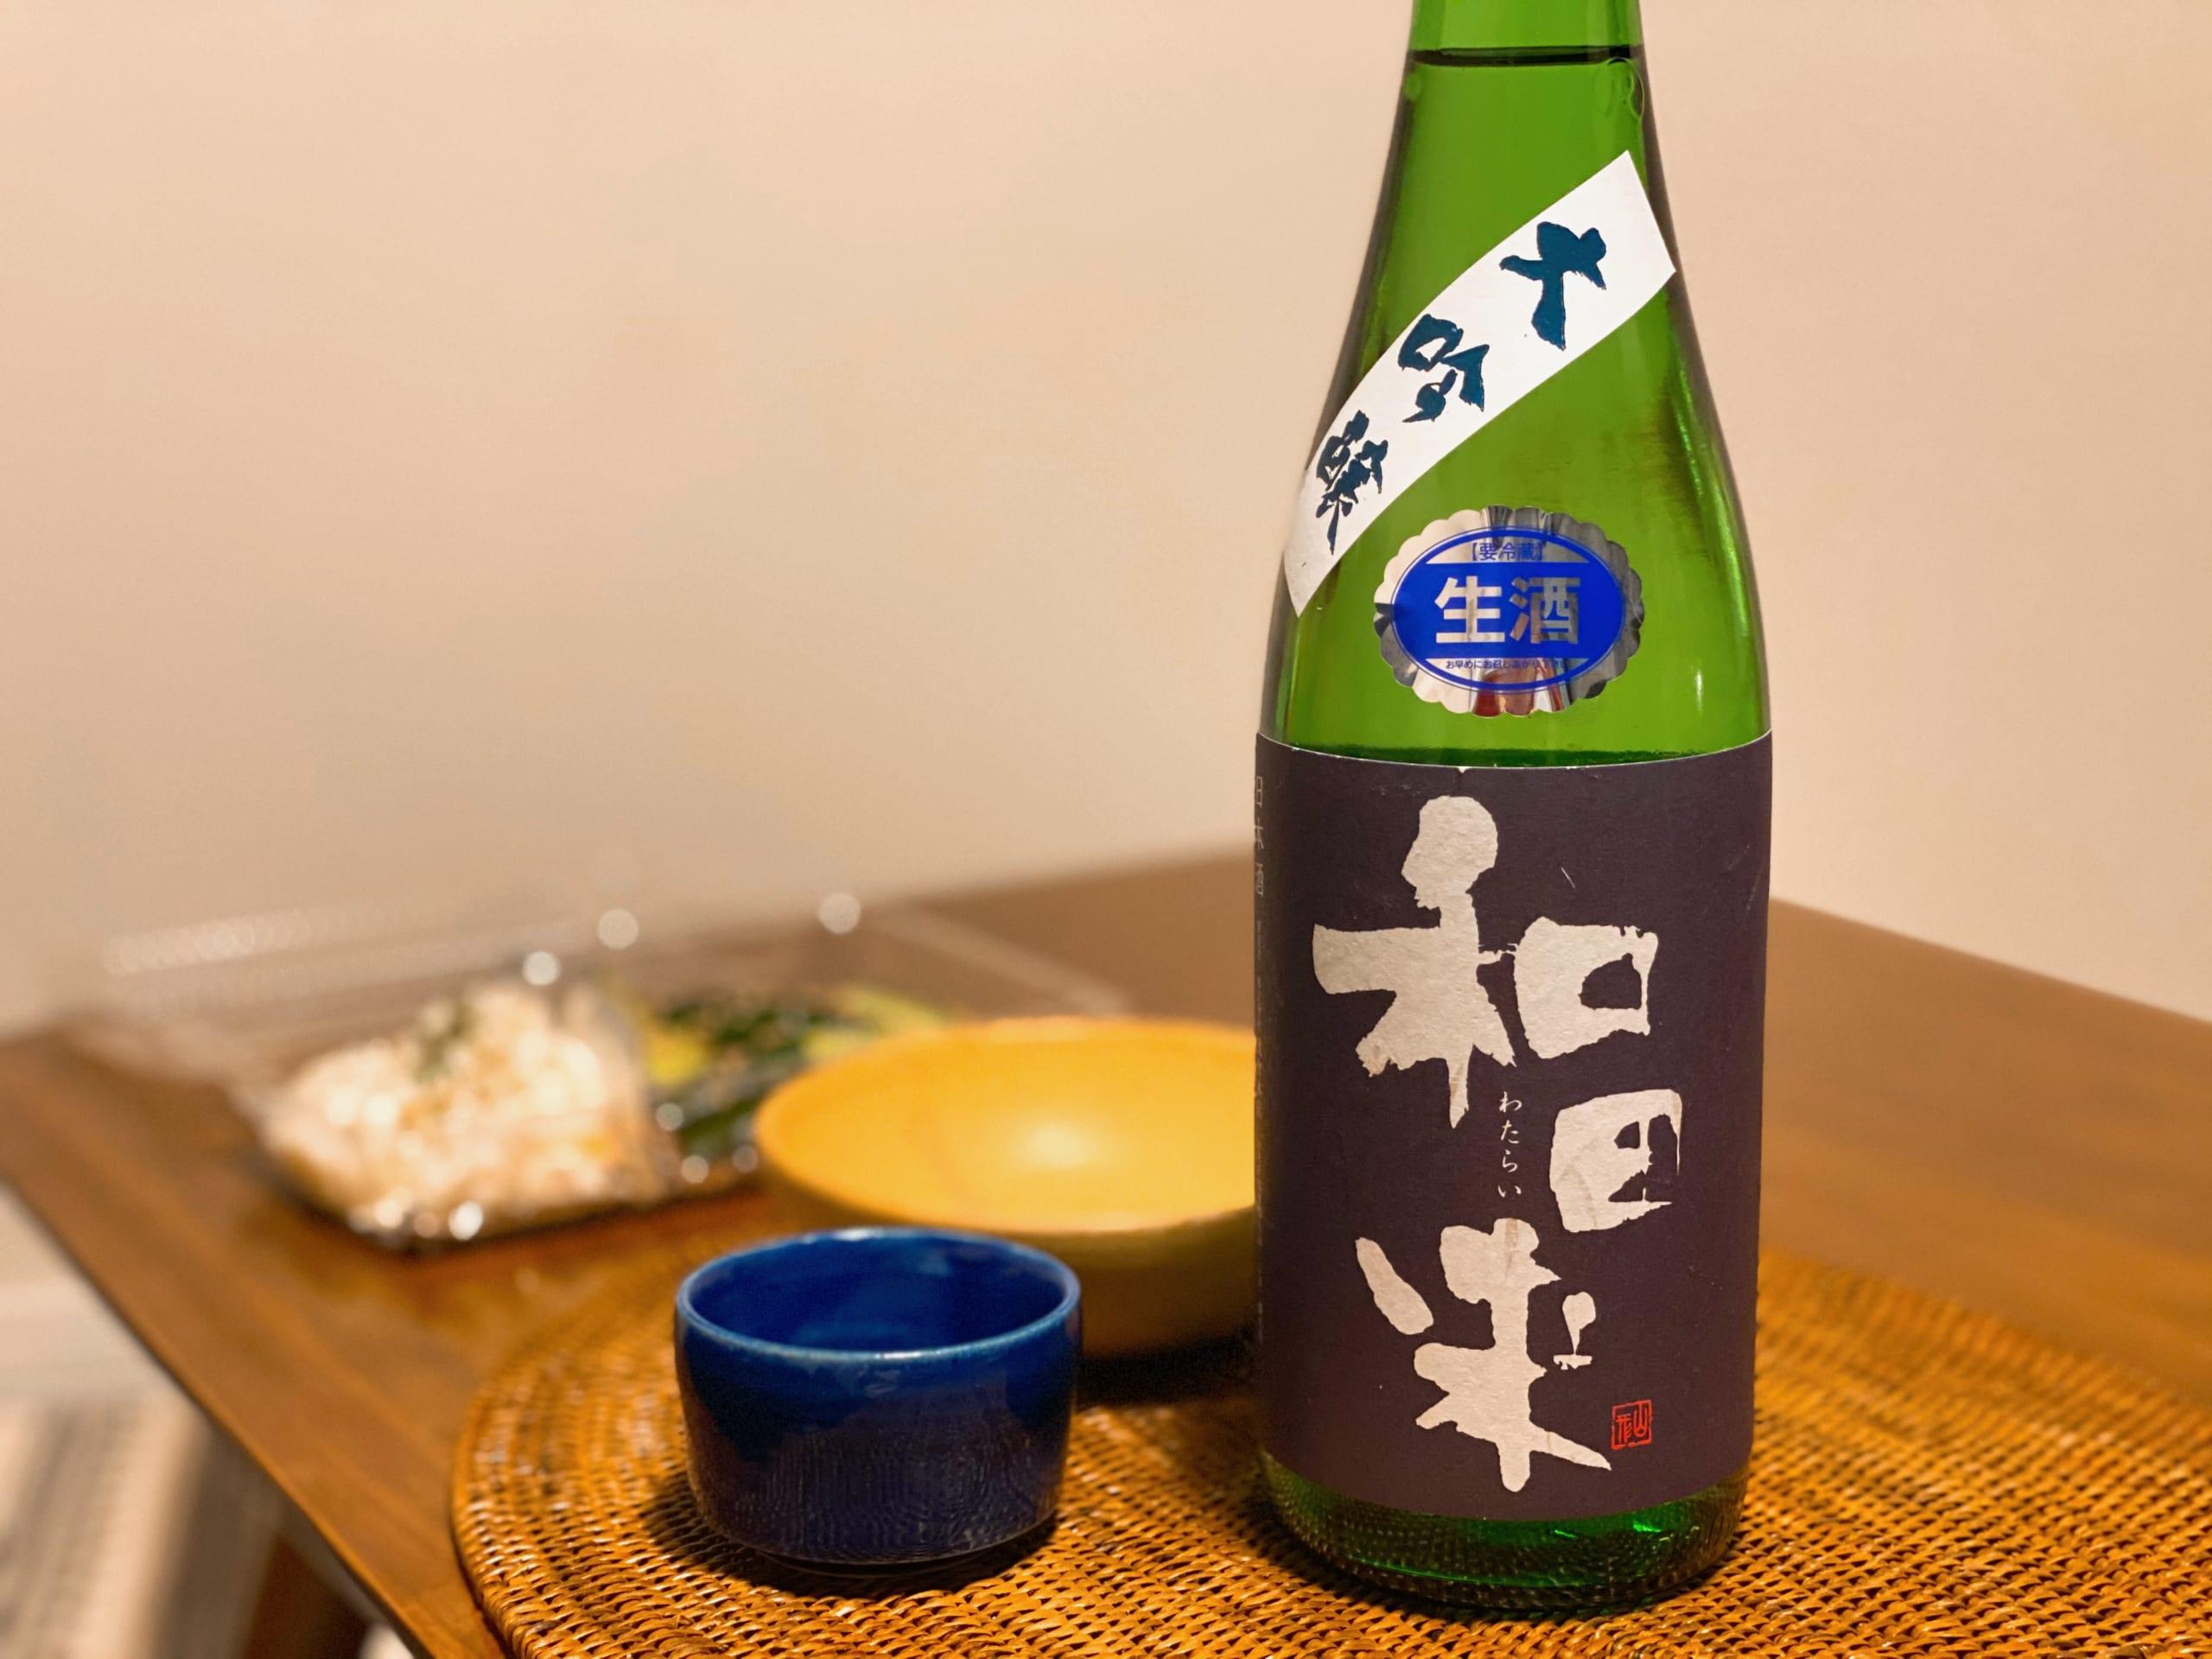 山形の地酒和田来で宅飲みを満喫